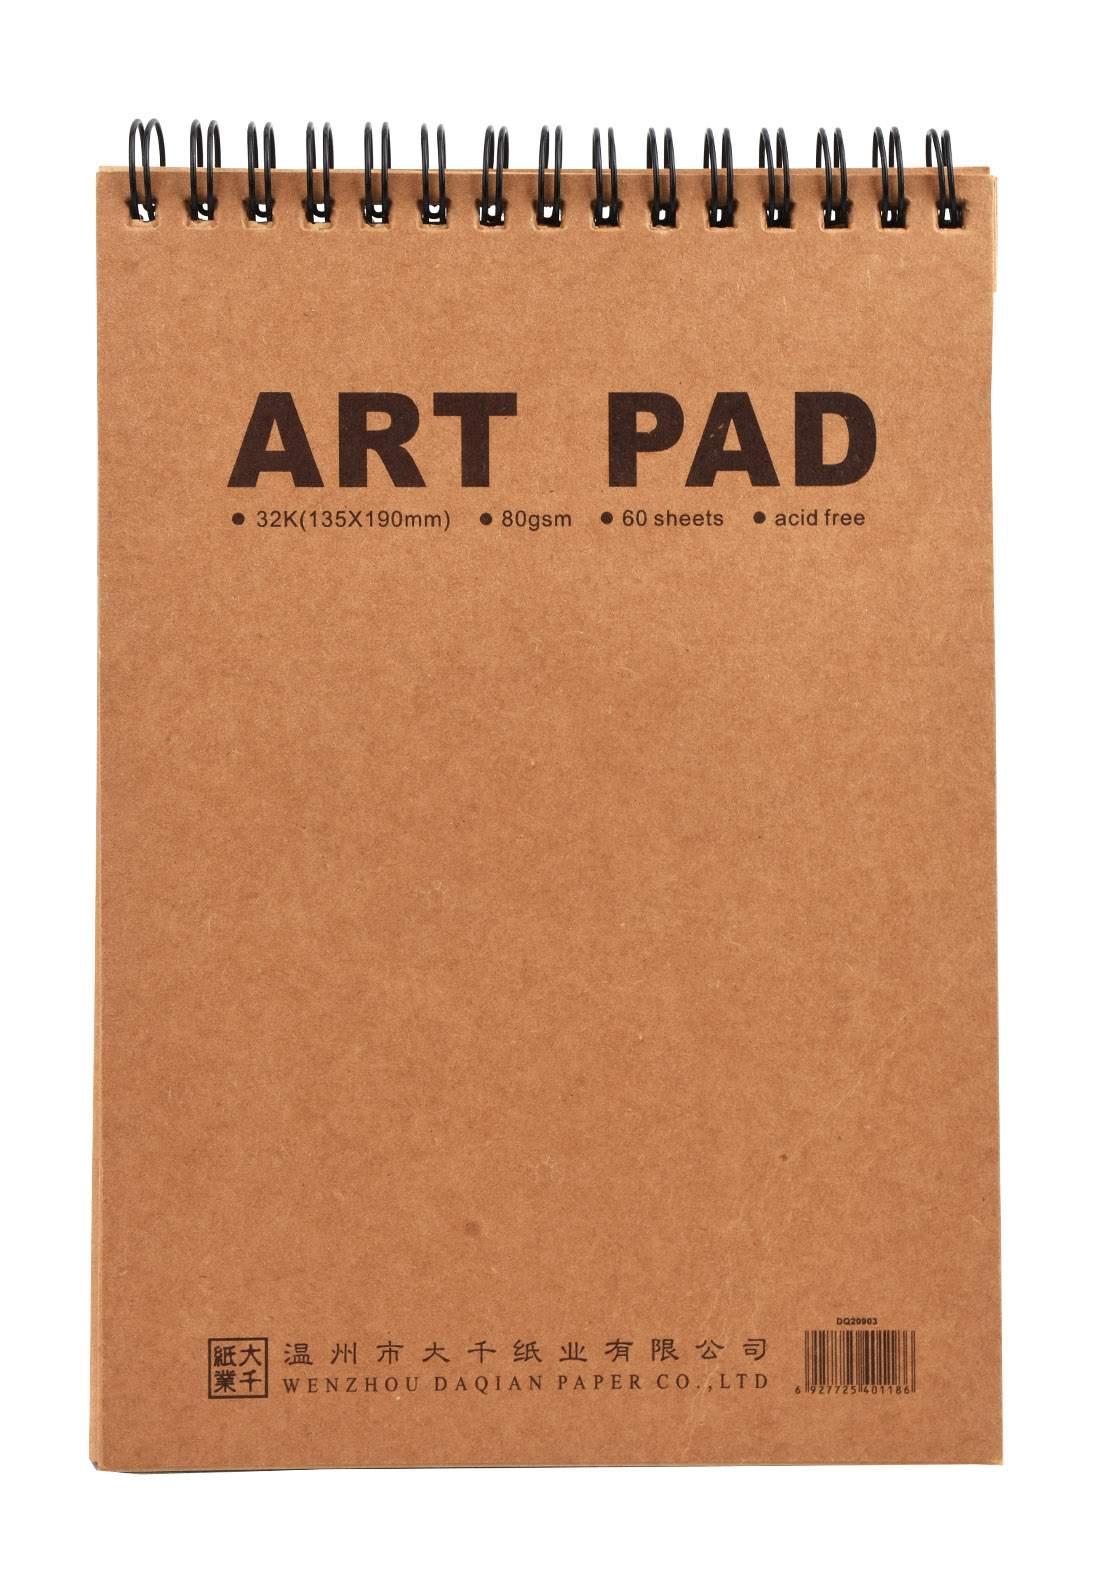 Art pad (20903) 60 Sheets  دفتر ملاحظات سيم